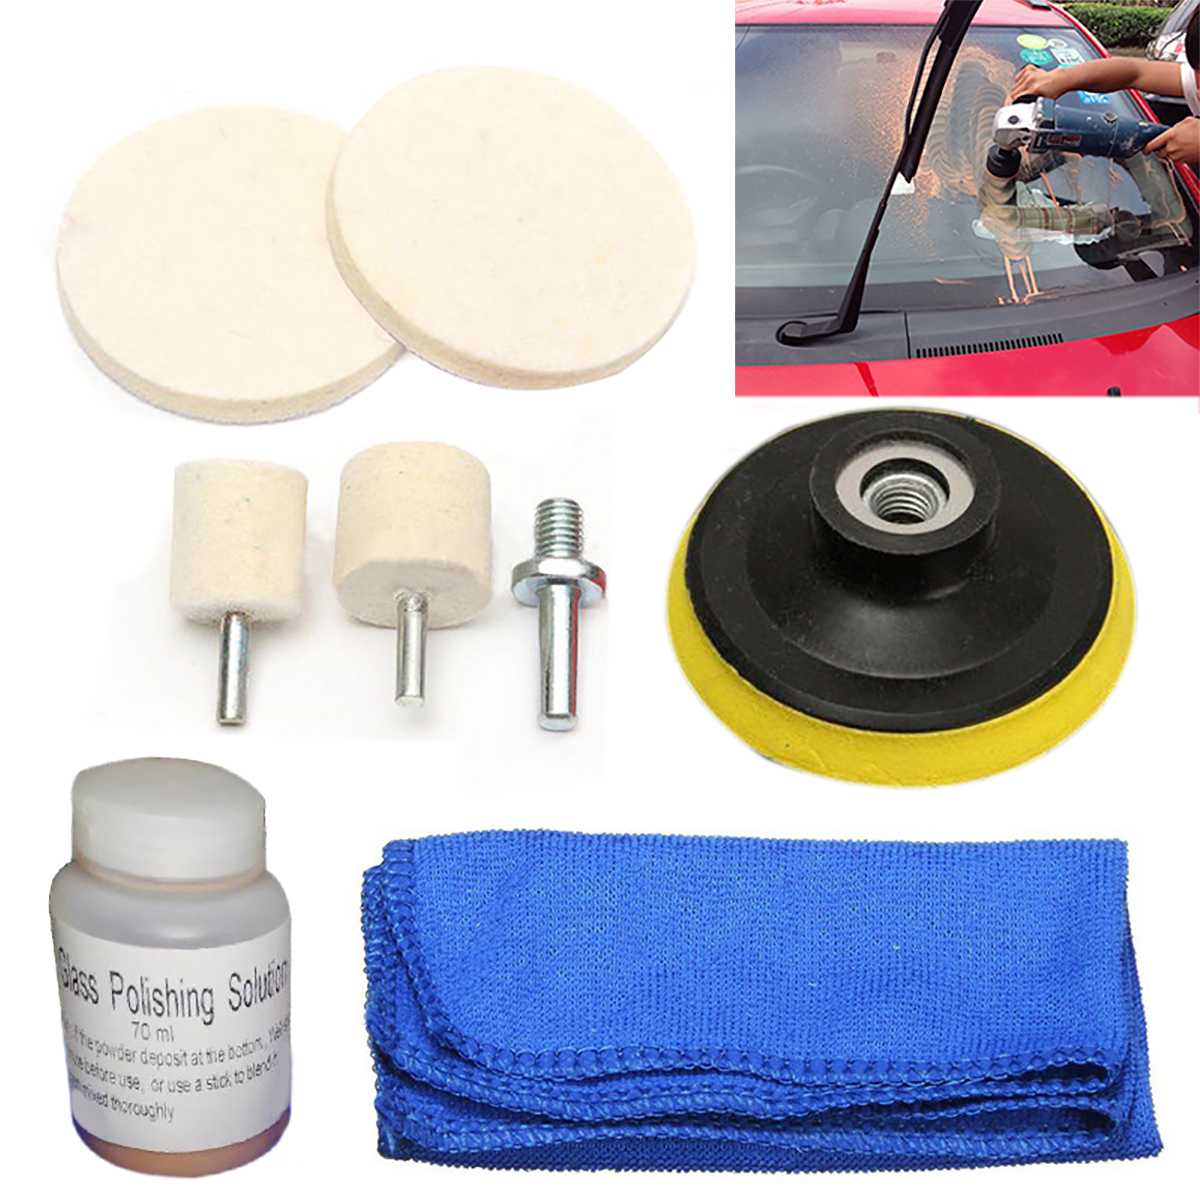 Mayitr Soluzione + Lana Lucidatura Kit Scratch Remover 70 ml di Vetro Tamponi Per Lucidatura Ruota + Panno Per Auto Parabrezza Posteriore Windows